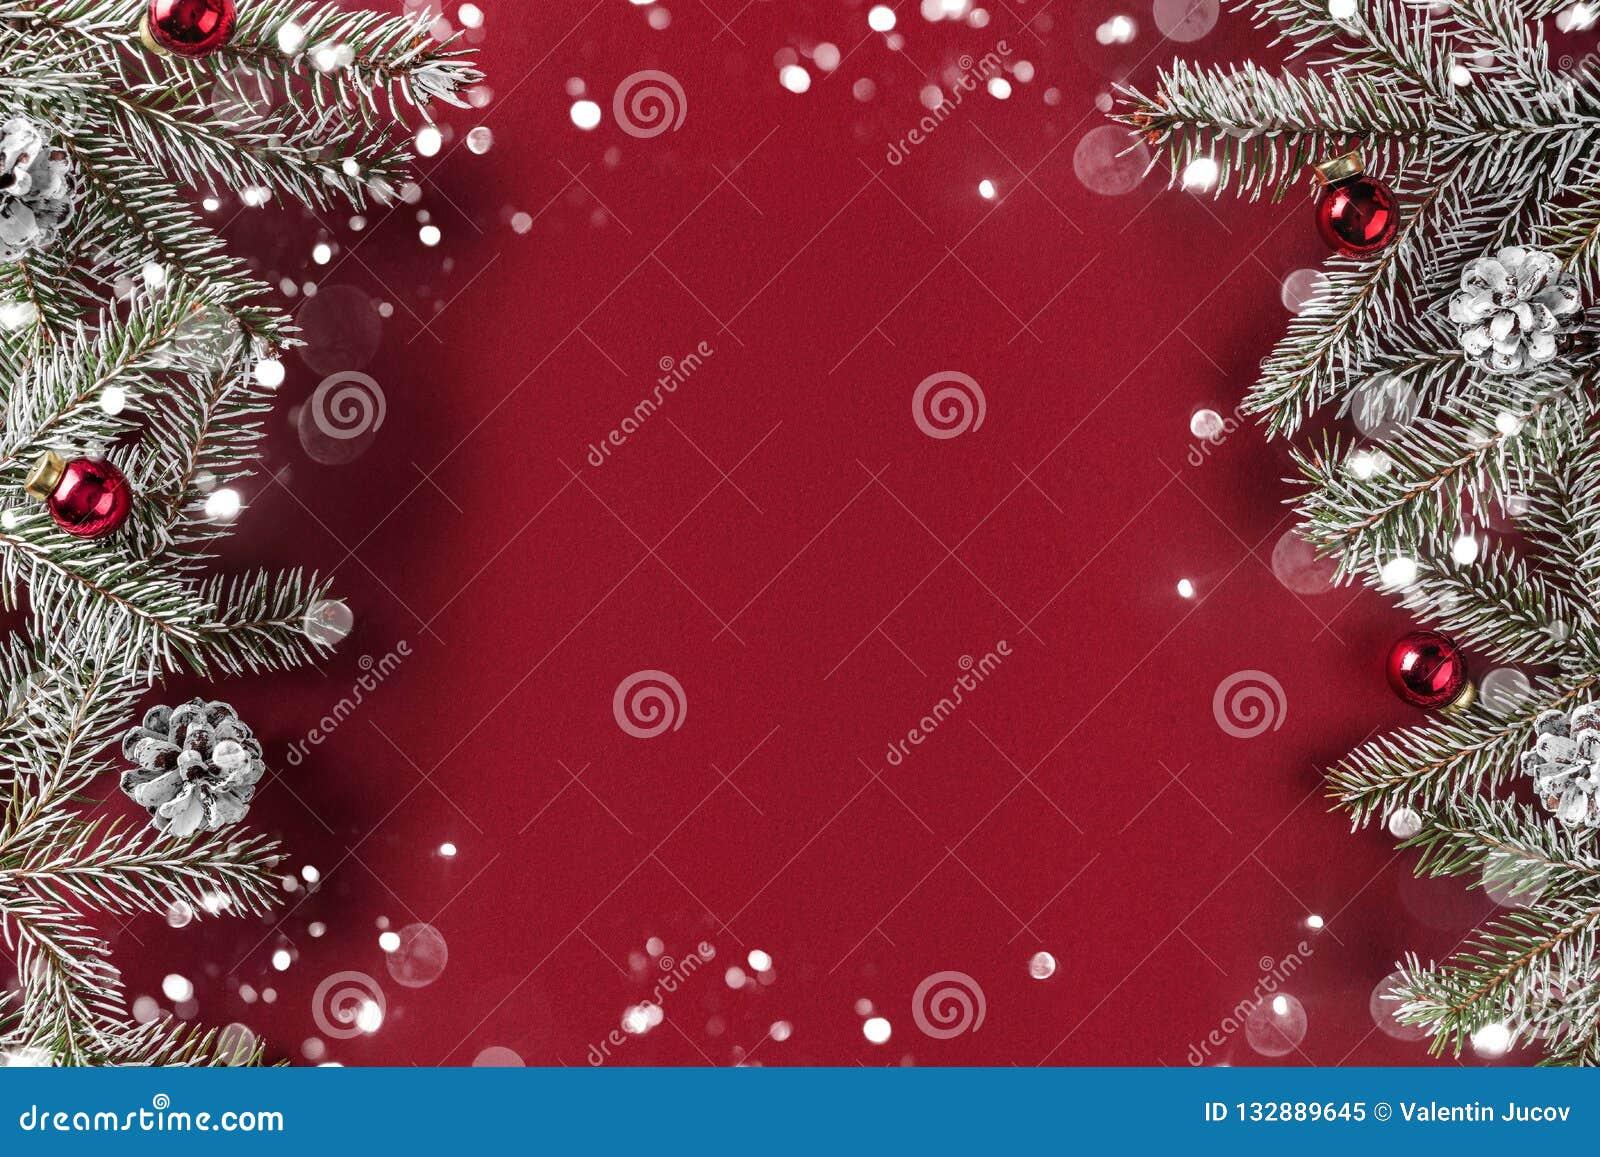 Quadro criativo da disposição feito de ramos do abeto do Natal, cones do pinho, presentes, decoração vermelha no fundo vermelho